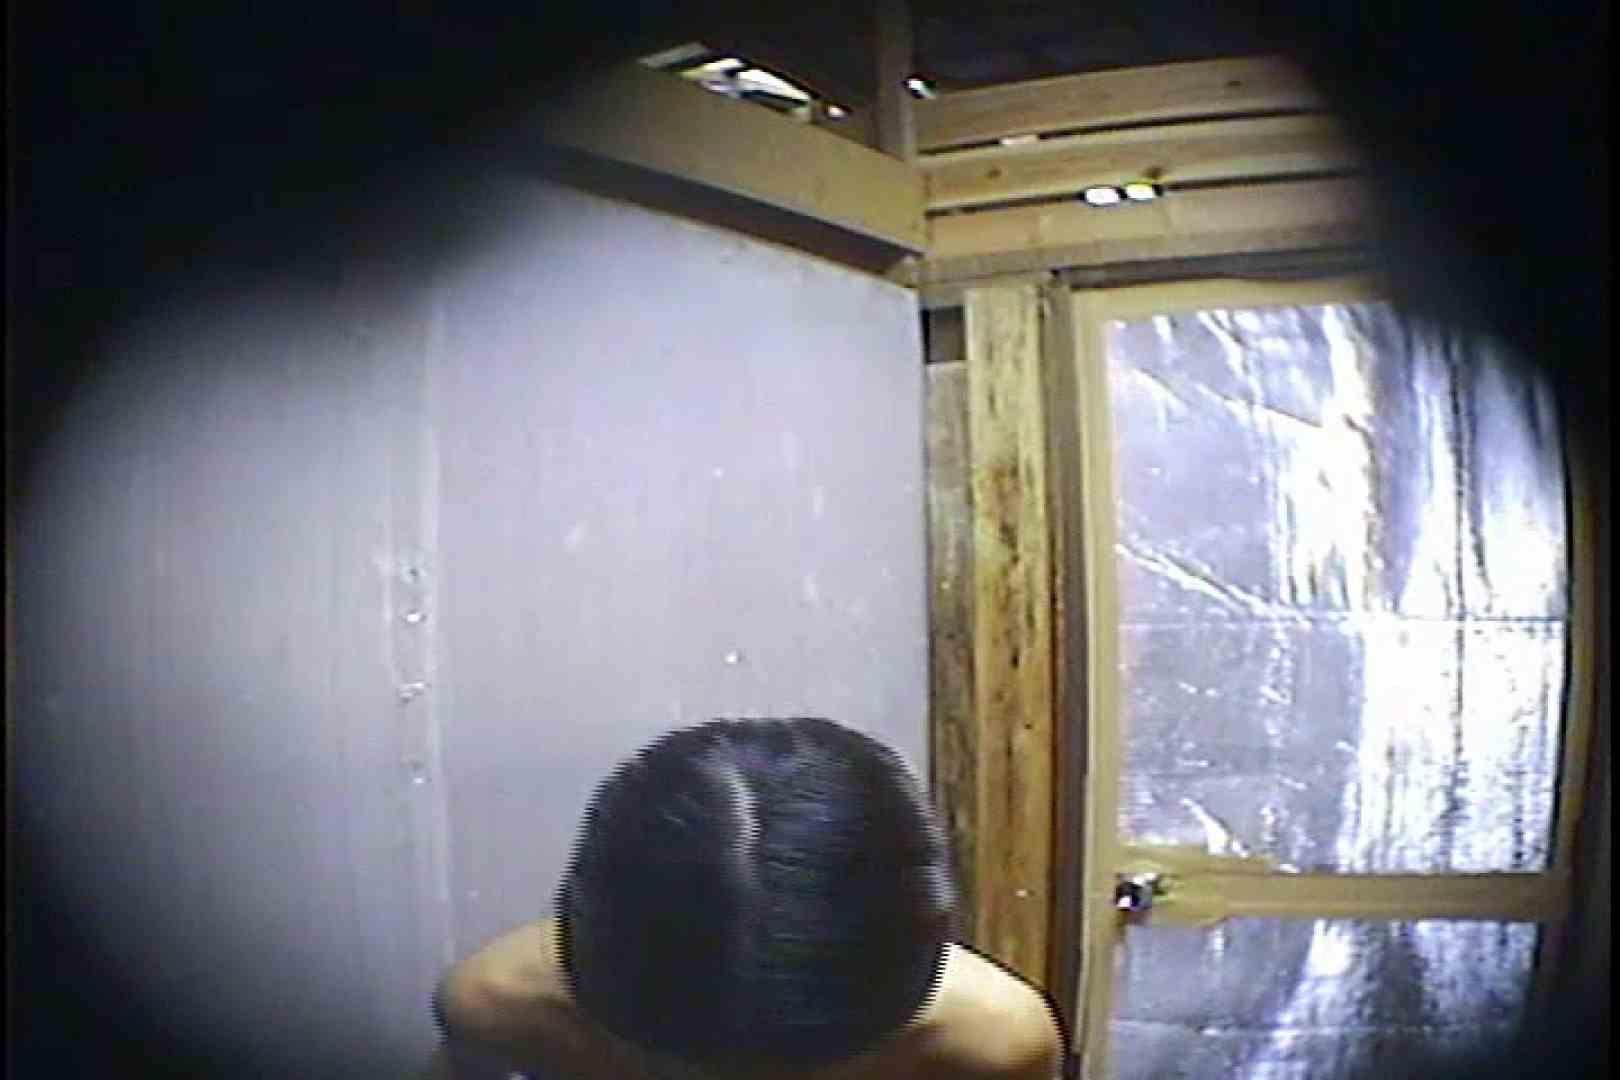 海の家の更衣室 Vol.45 シャワー中 | 美女達のヌード  64連発 61